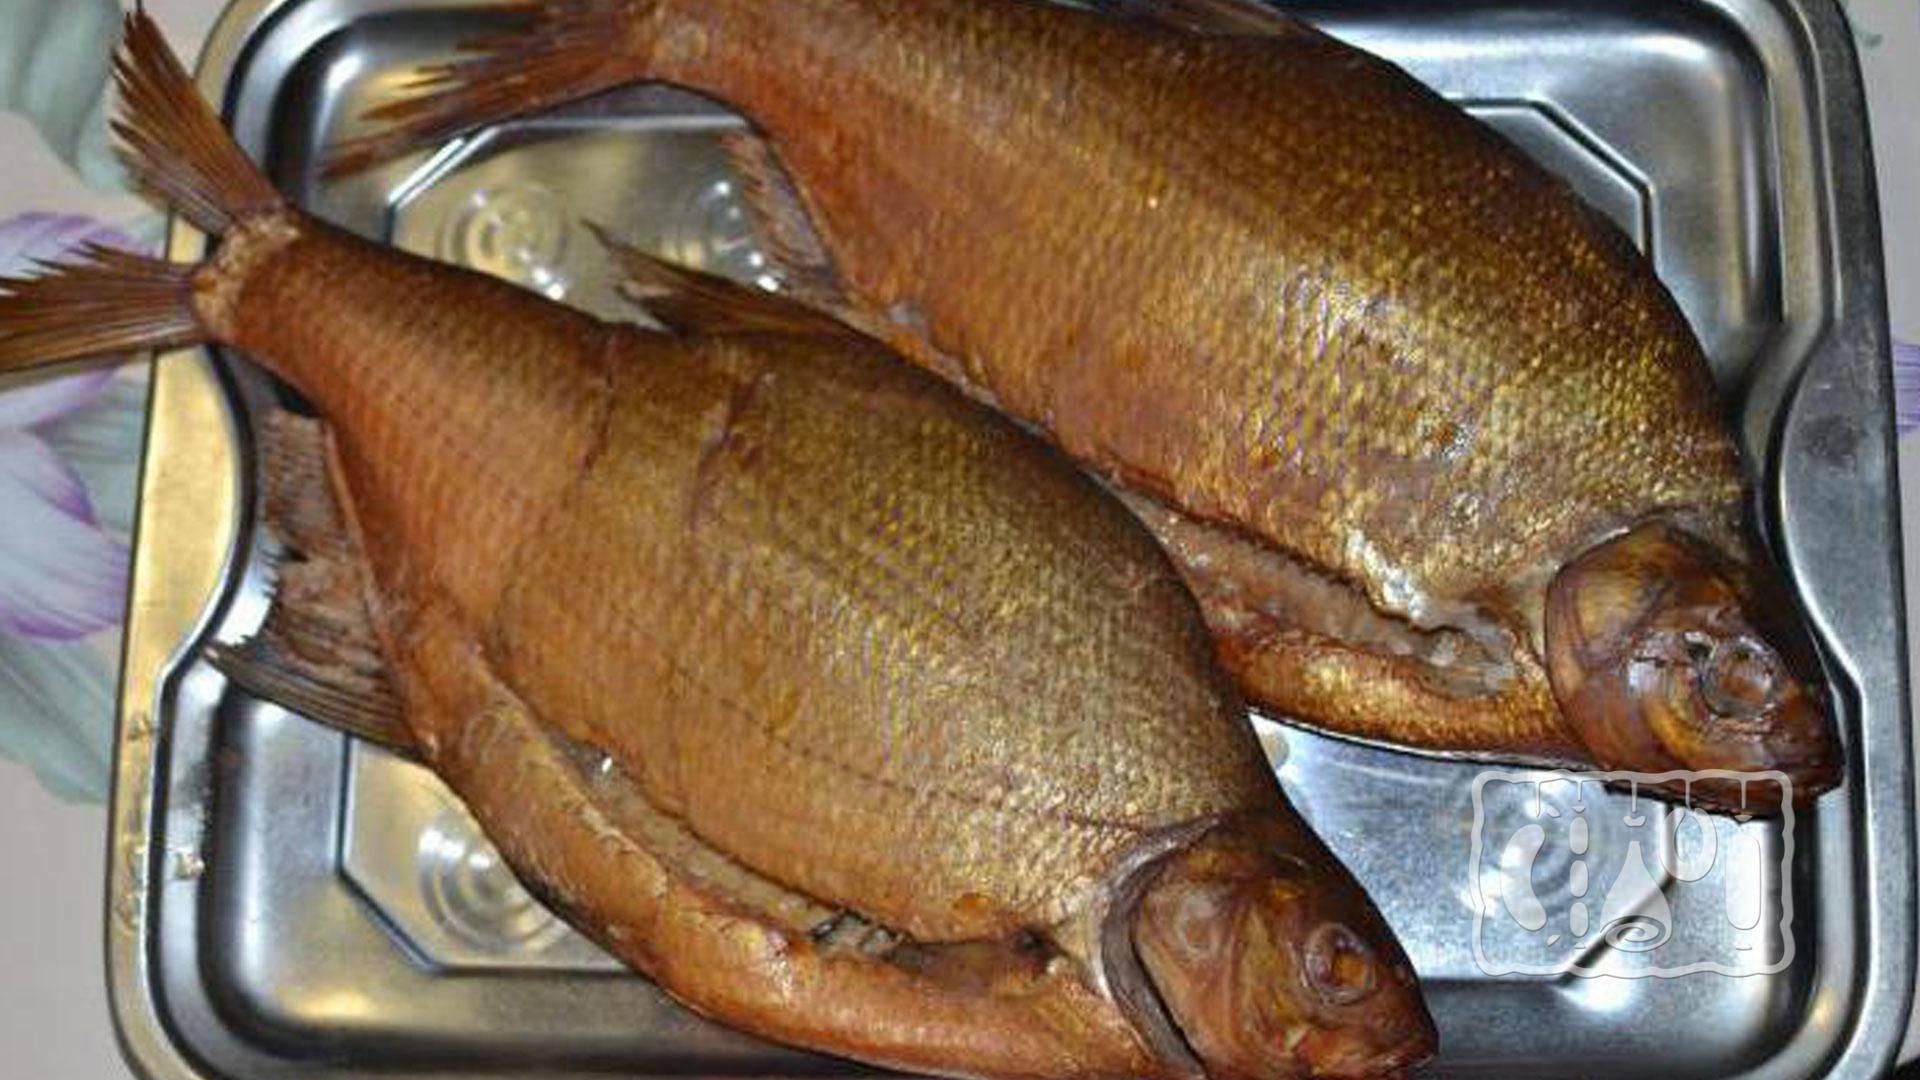 Балык из рыбы в домашних условиях: рецепты приготовления. какая рыба идет на балык